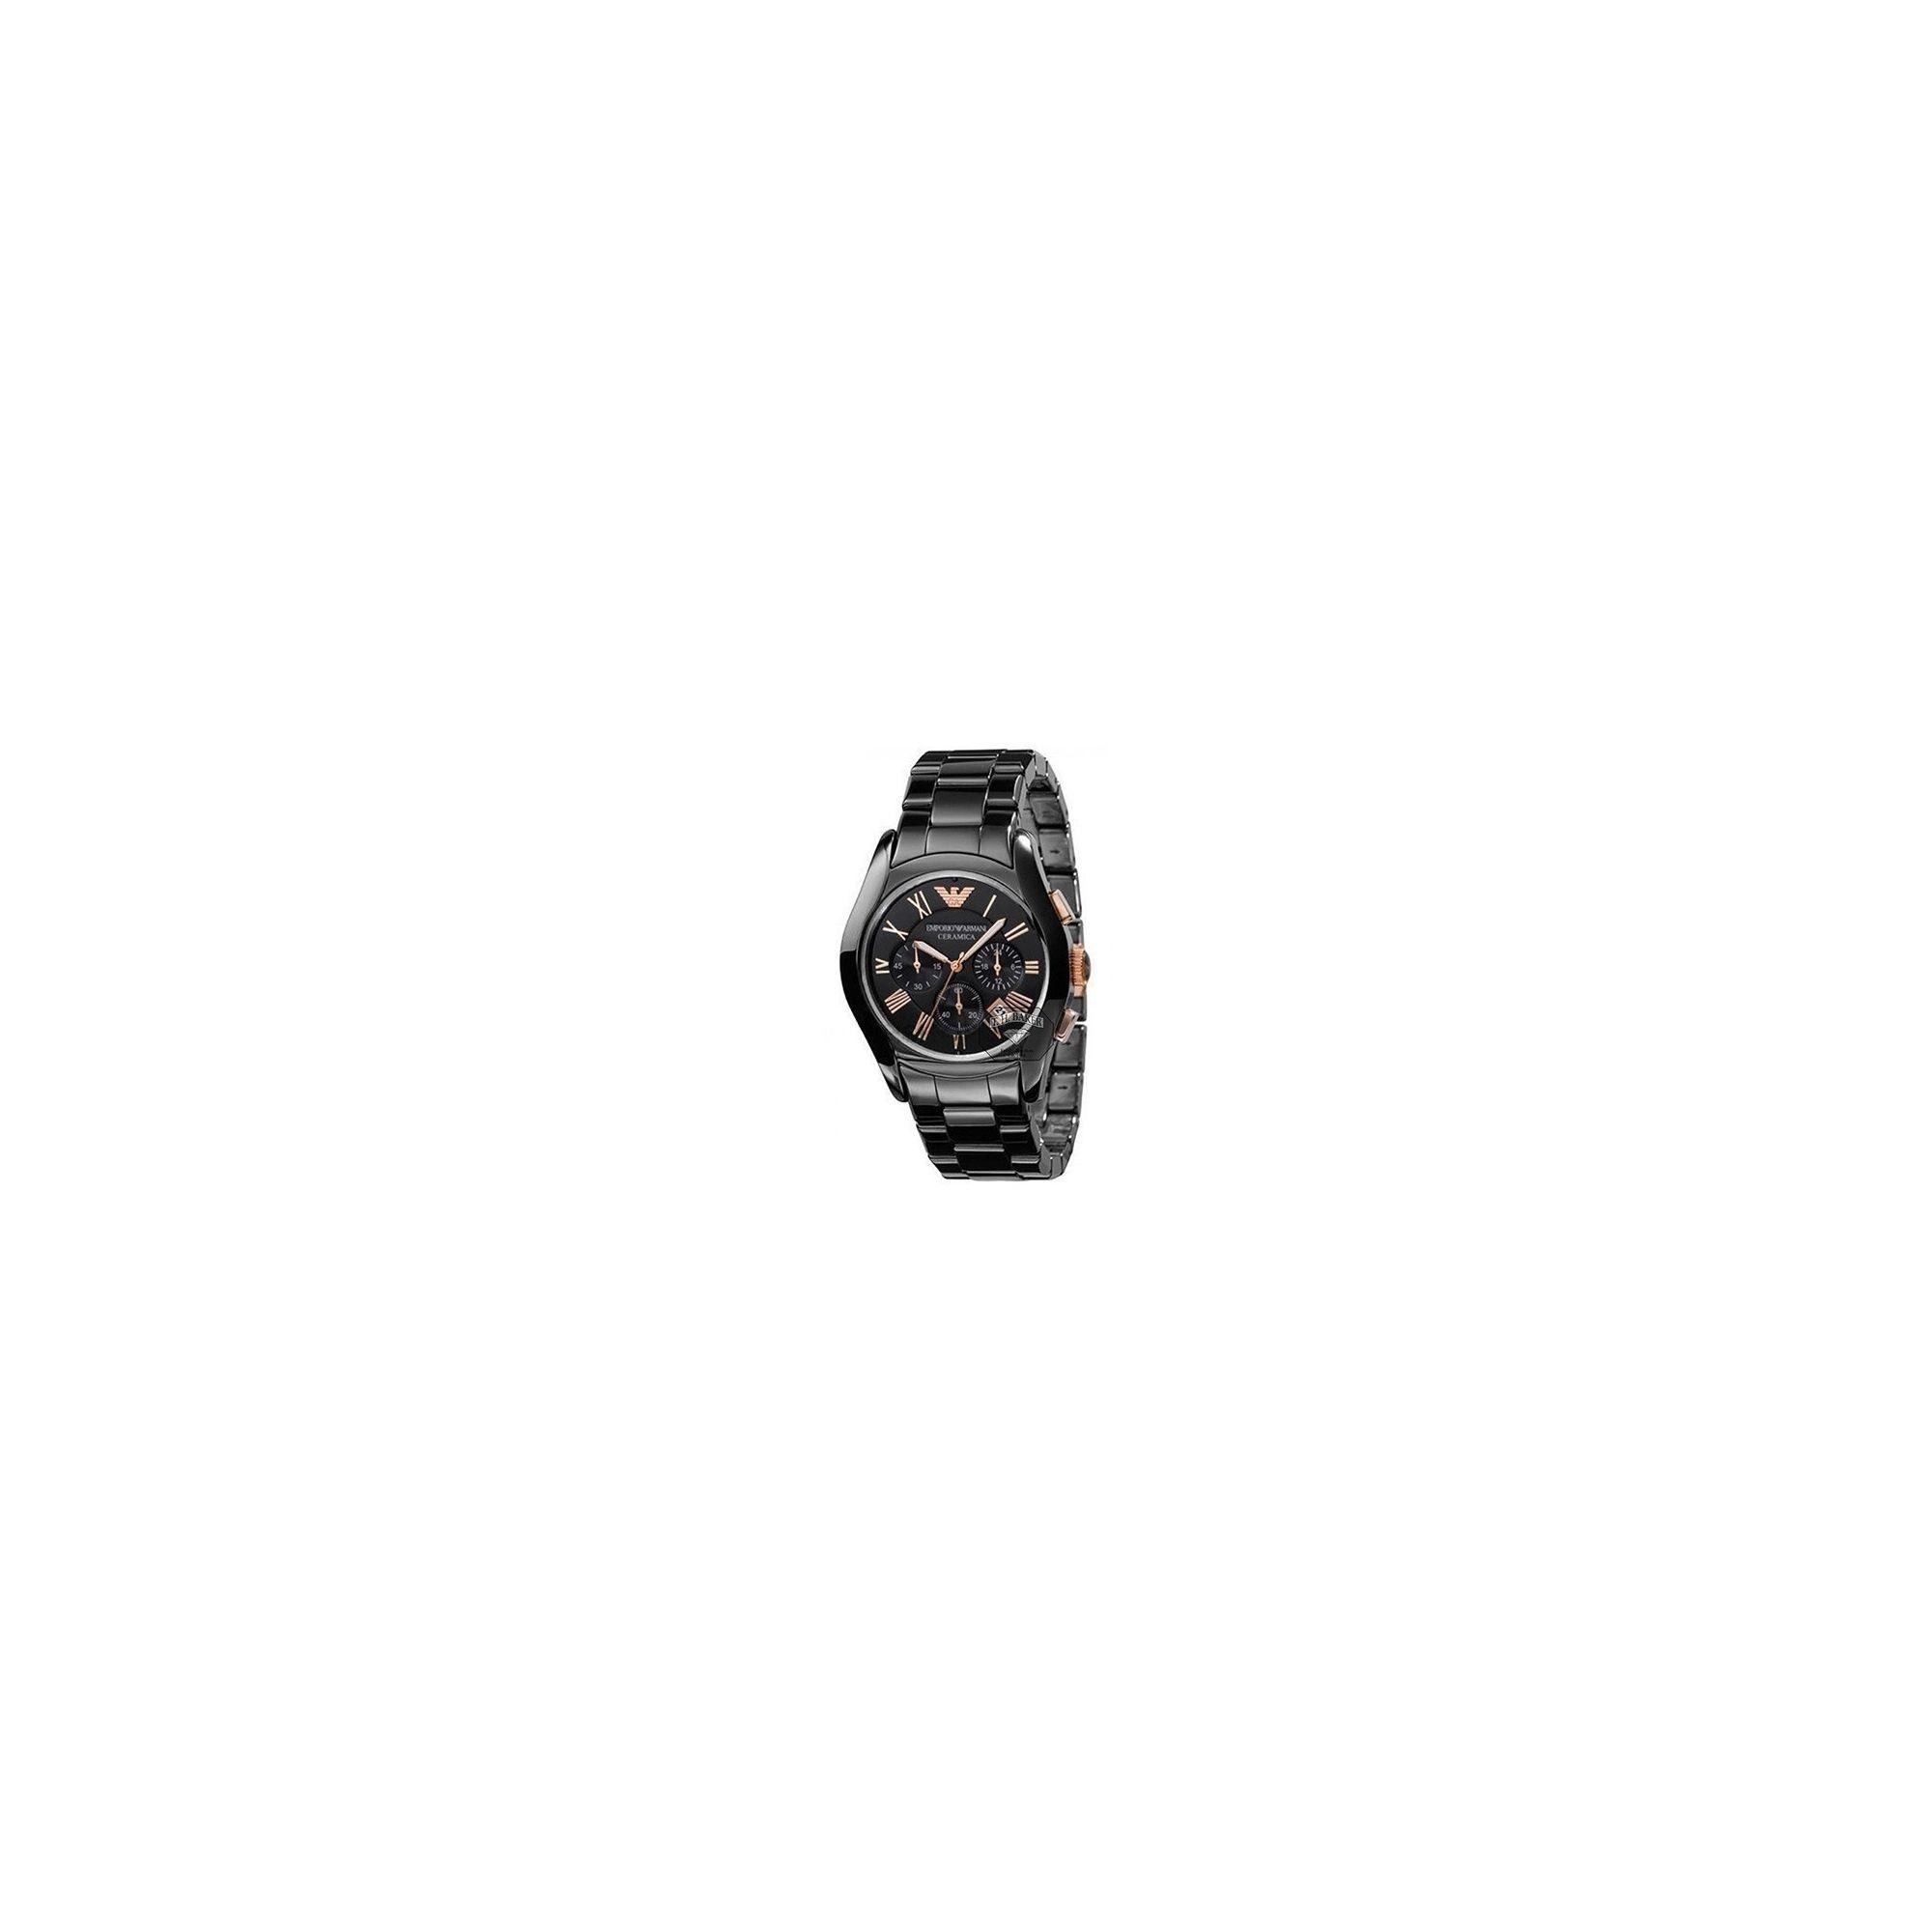 Emporio Armani Ceramica Chrono Watch AR1410 at Tesco Direct